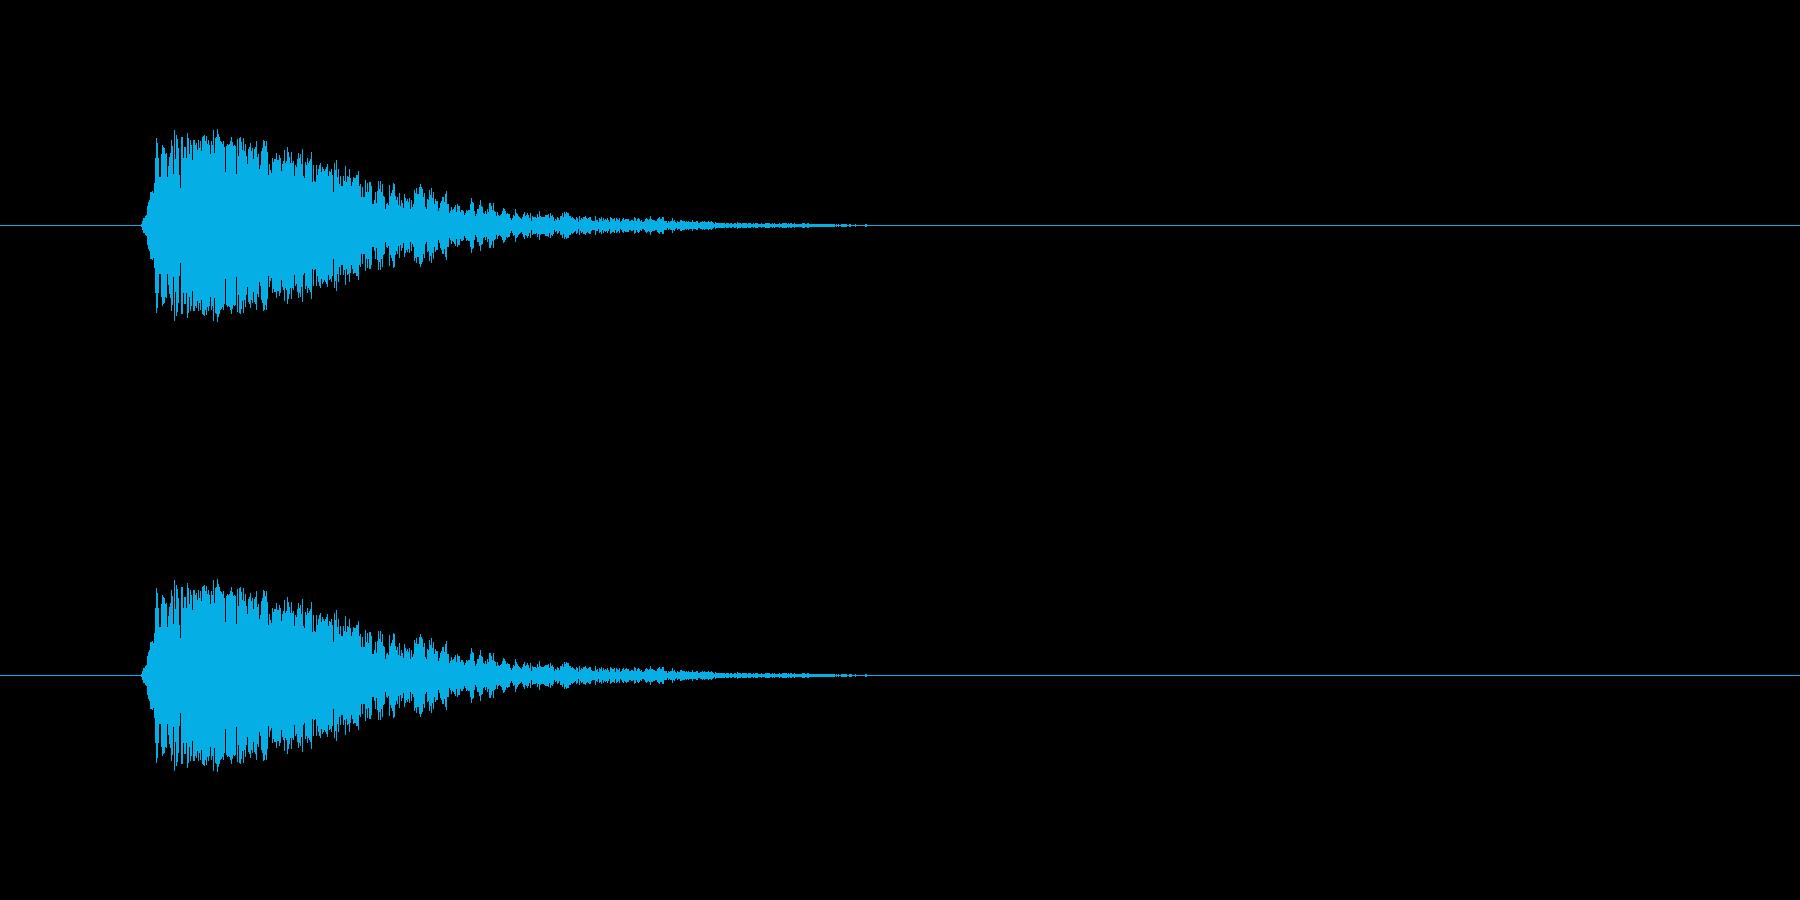 金属音1【キーン】の再生済みの波形